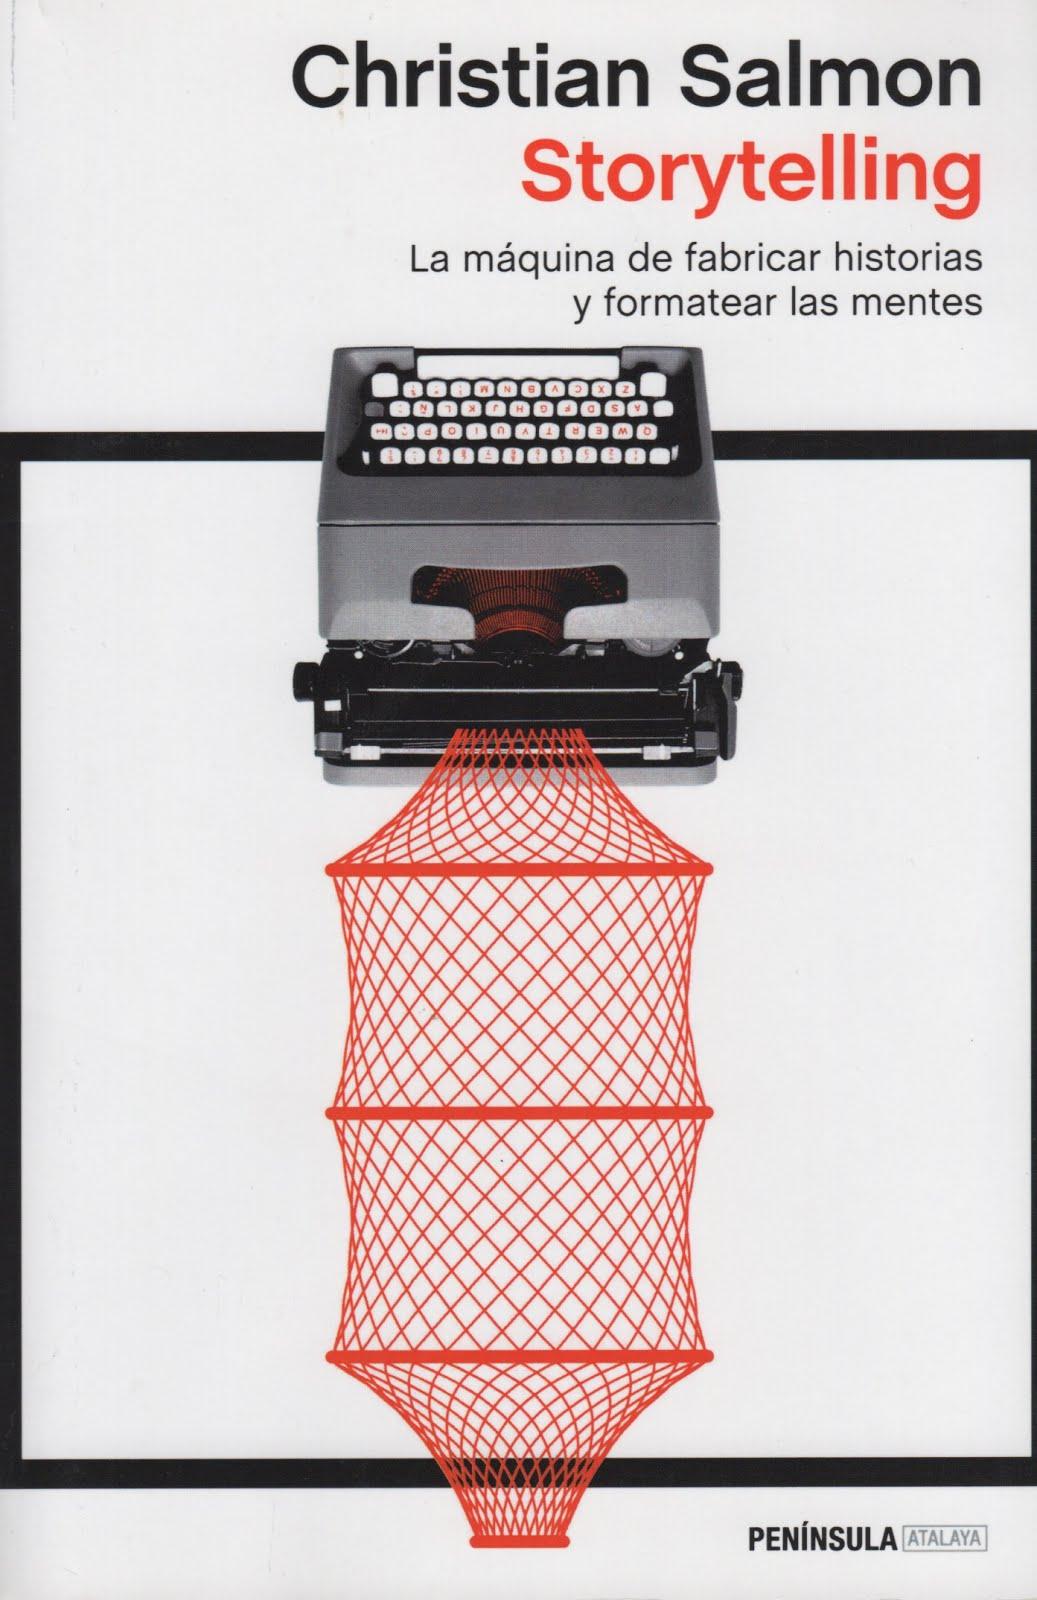 Christian Salmon (Storytelling) La máquina de fabricar historias y formatear las mentes